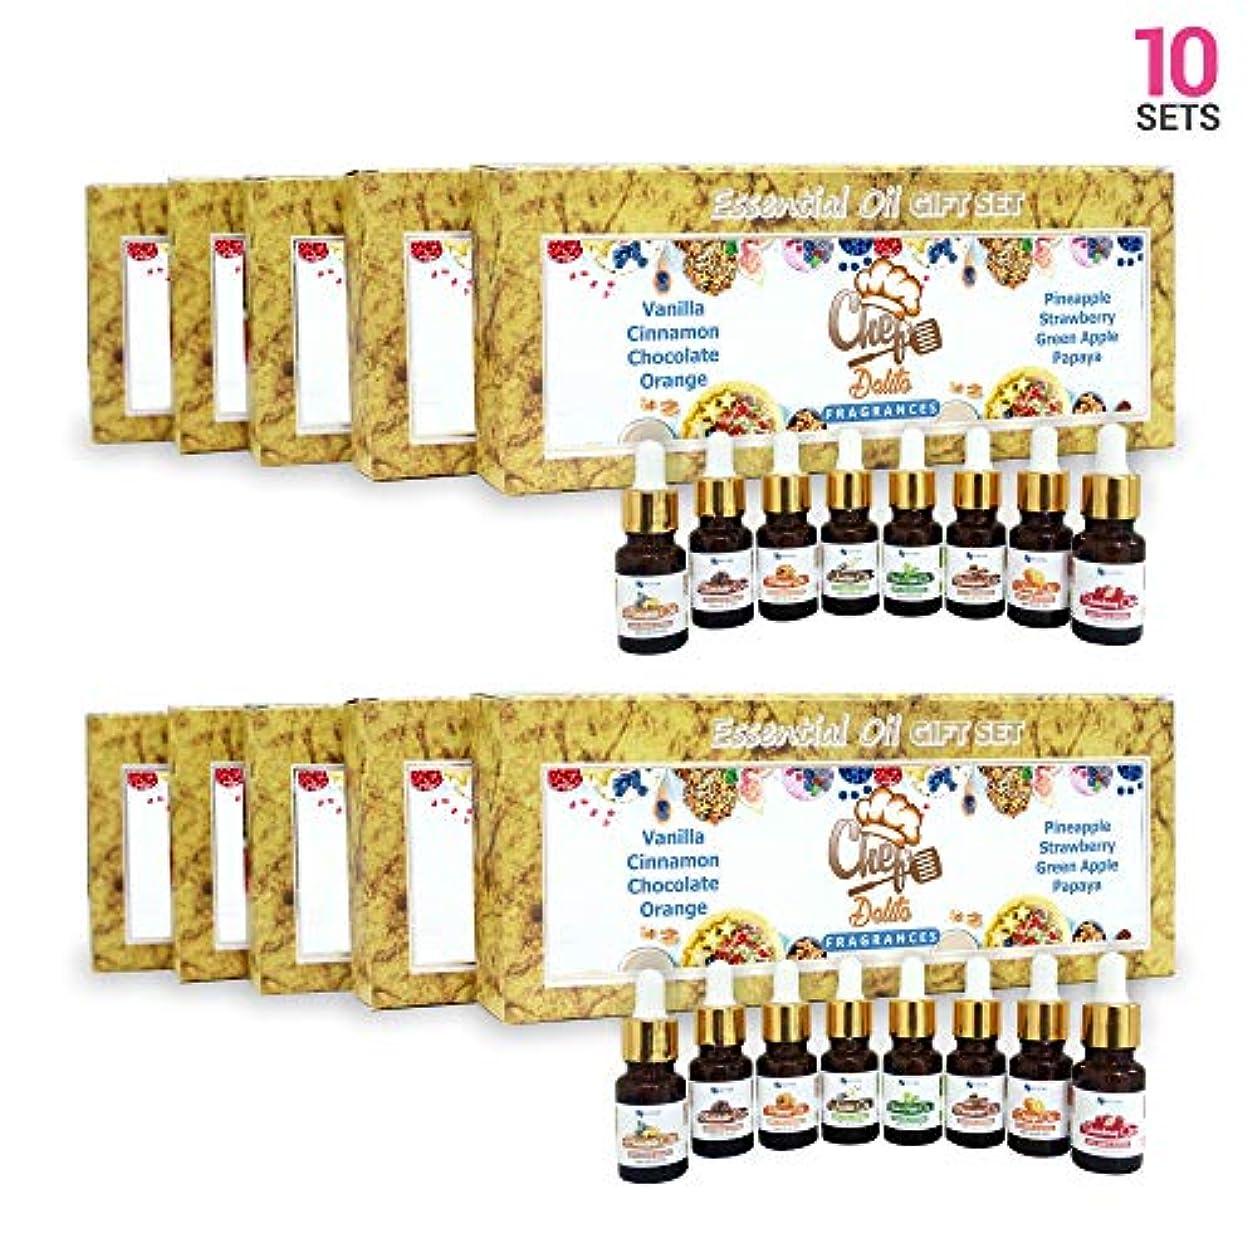 規則性アパート達成するAromatherapy Fragrance Oils (Set of 10) - 100% Natural Therapeutic Essential Oils, 10ml each (Vanilla, Cinnamon...